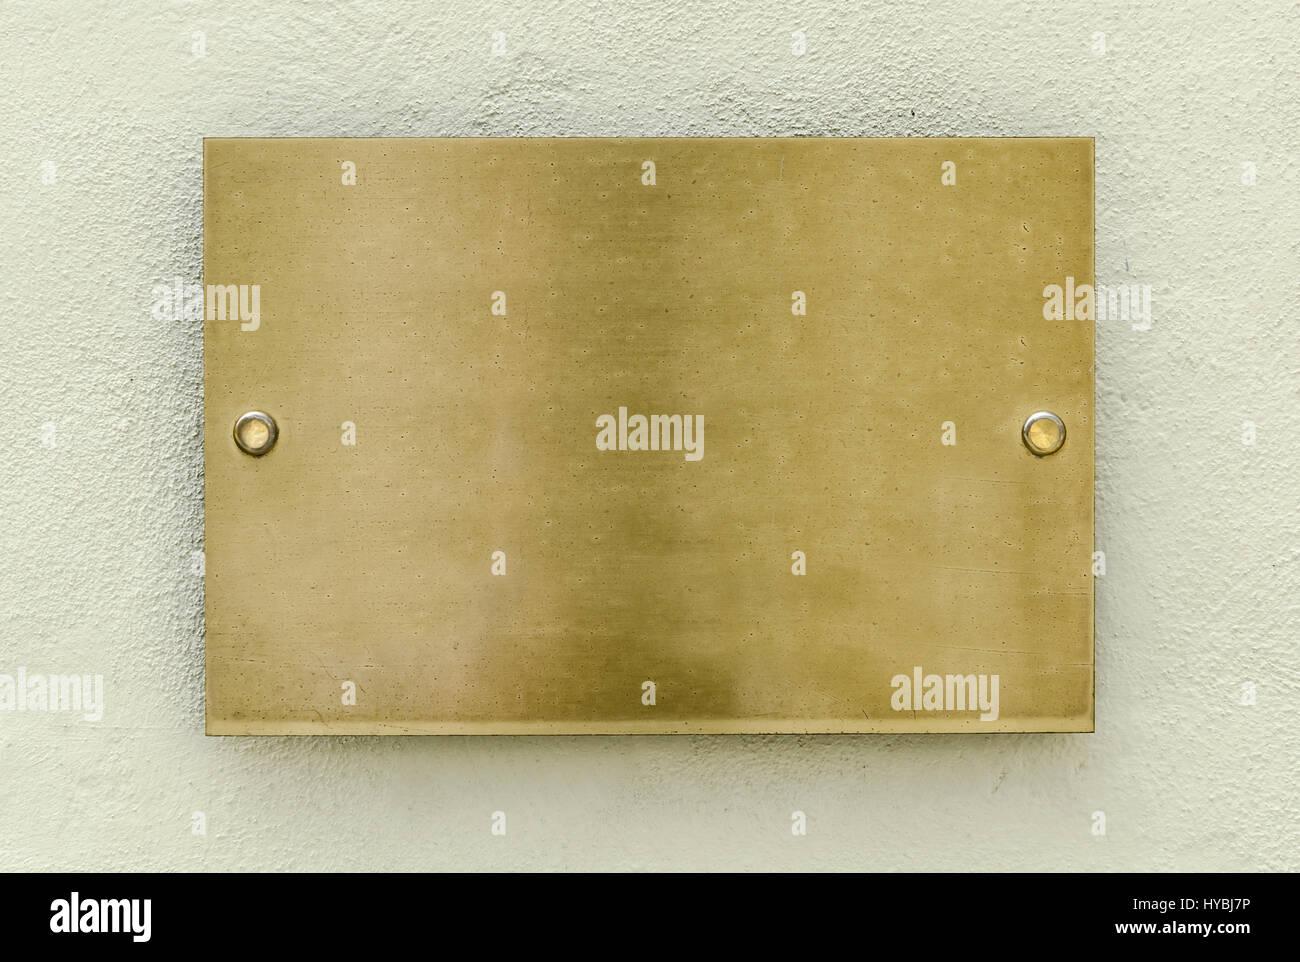 Parete Doro : La placca d oro su una parete per il tuo sfondo foto immagine